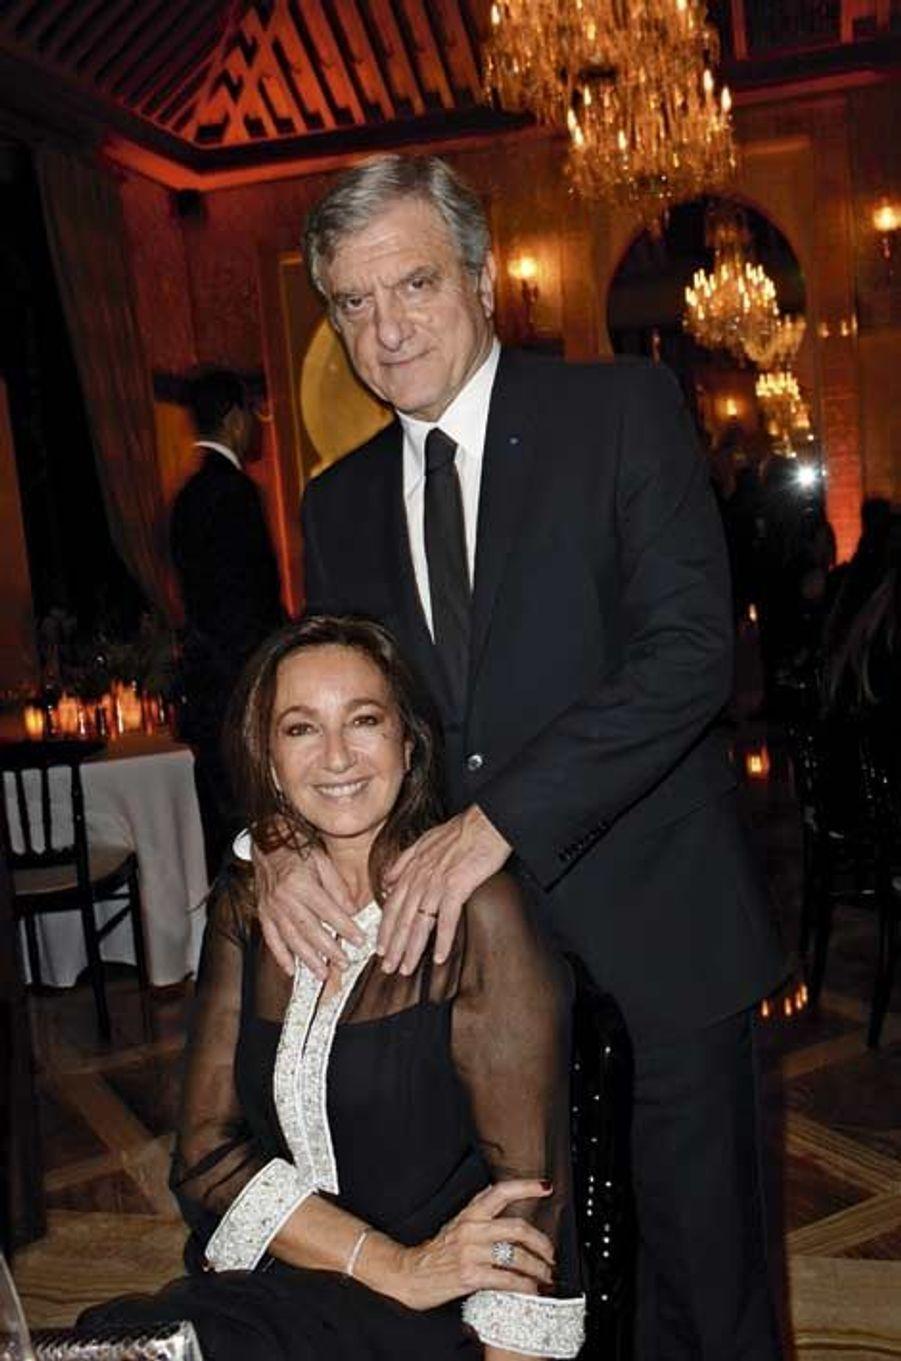 Sidney Toledano, P-DG de Dior, et sa femme, Katia